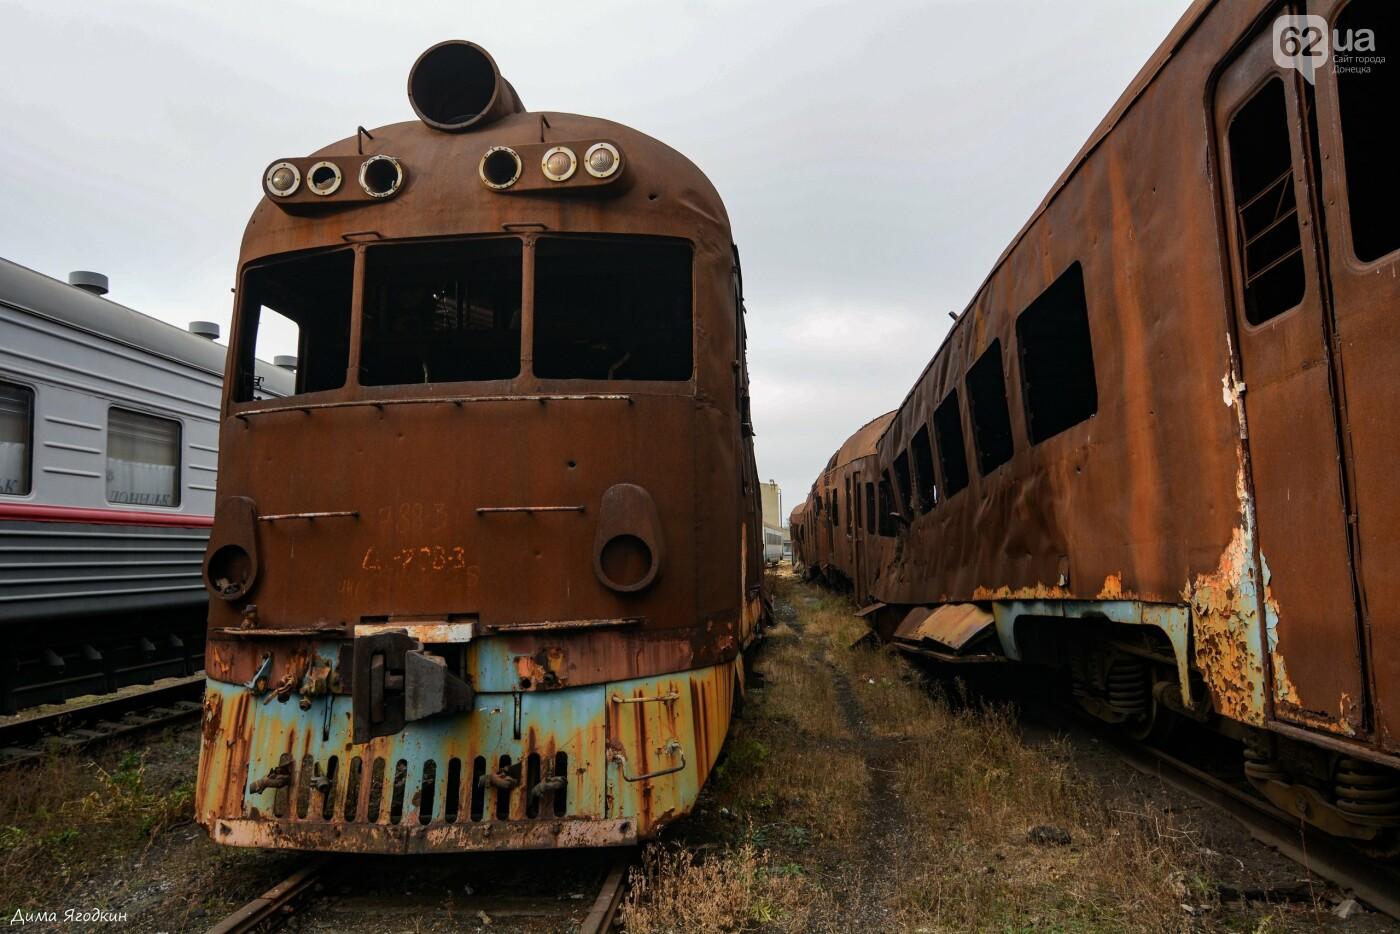 Кладбище поездов в «ДНР», - ФОТО, фото-7